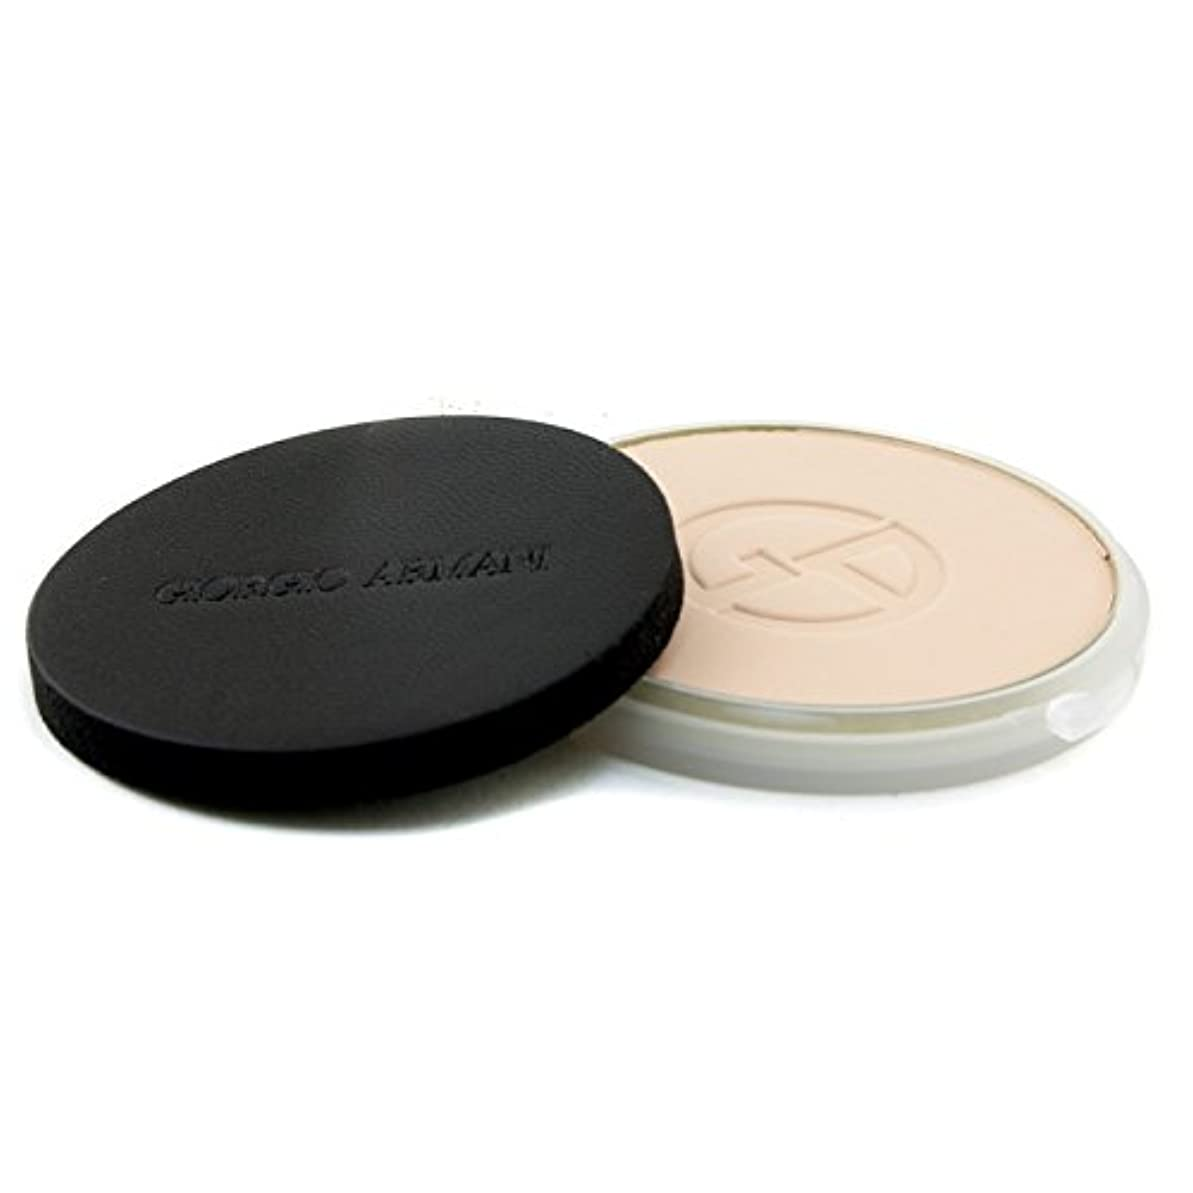 犠牲なぜなら必須ジョルジオアルマーニ Lasting Silk UV Compact Foundation SPF 34 (Refill) - # 3 (Light Sand) 9g/0.3oz並行輸入品